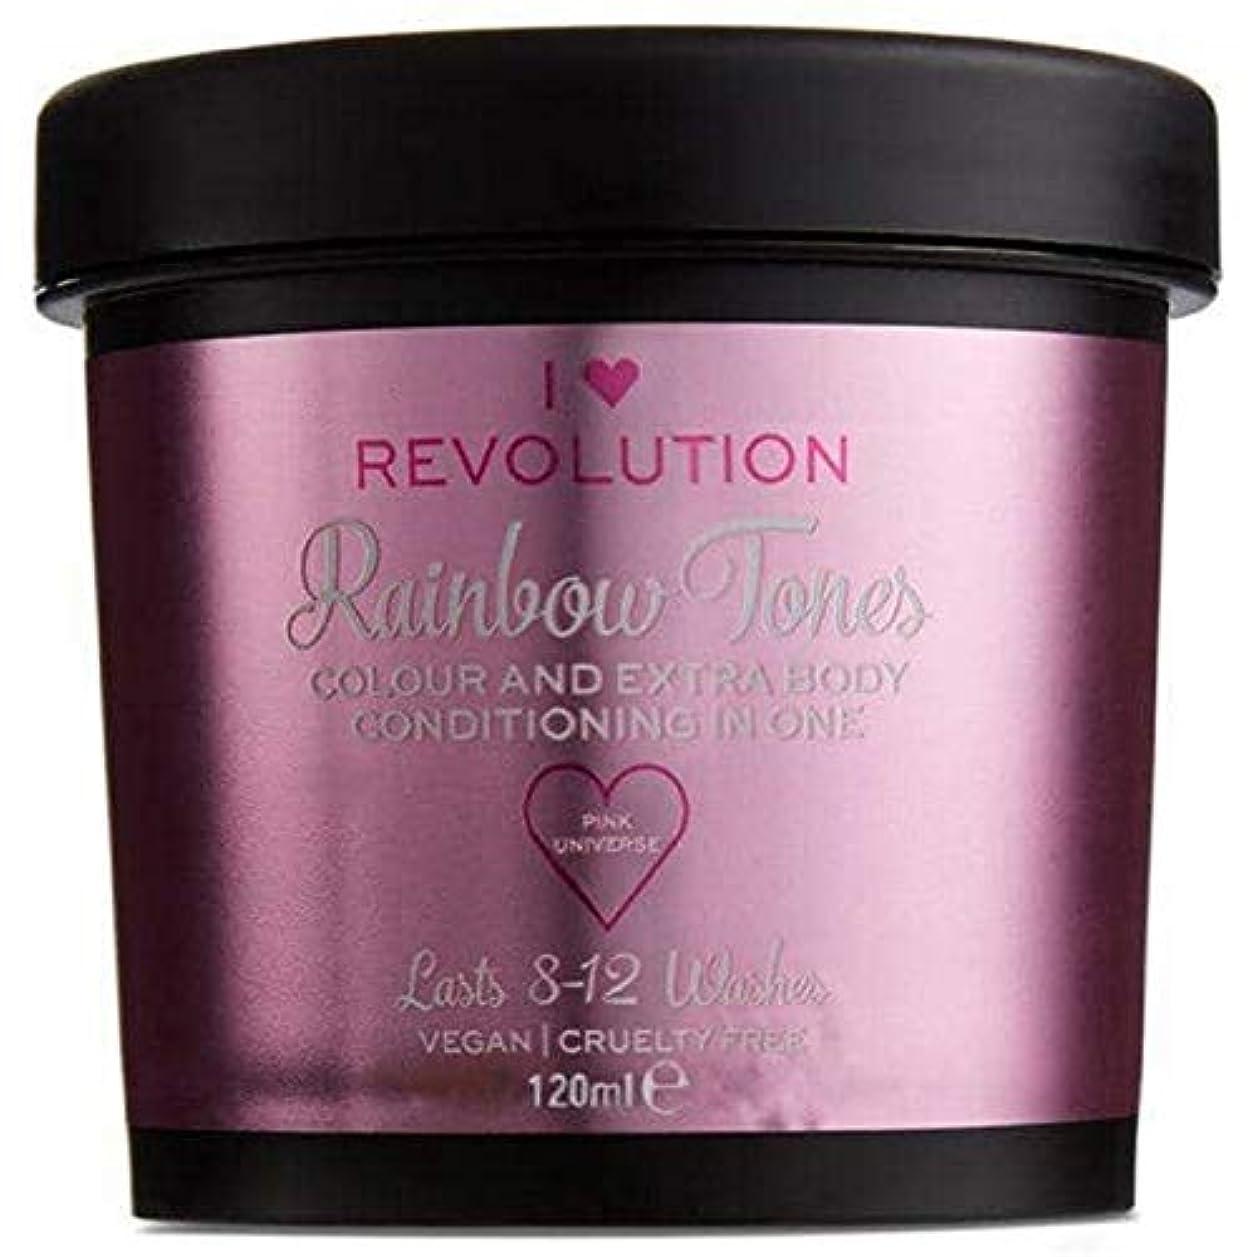 航空安定したスチュワード[I Heart Revolution ] 私の心の革命虹トーンピンクの宇宙の120ミリリットル - I Heart Revolution Rainbow Tones Pink Universe 120ml [並行輸入品]